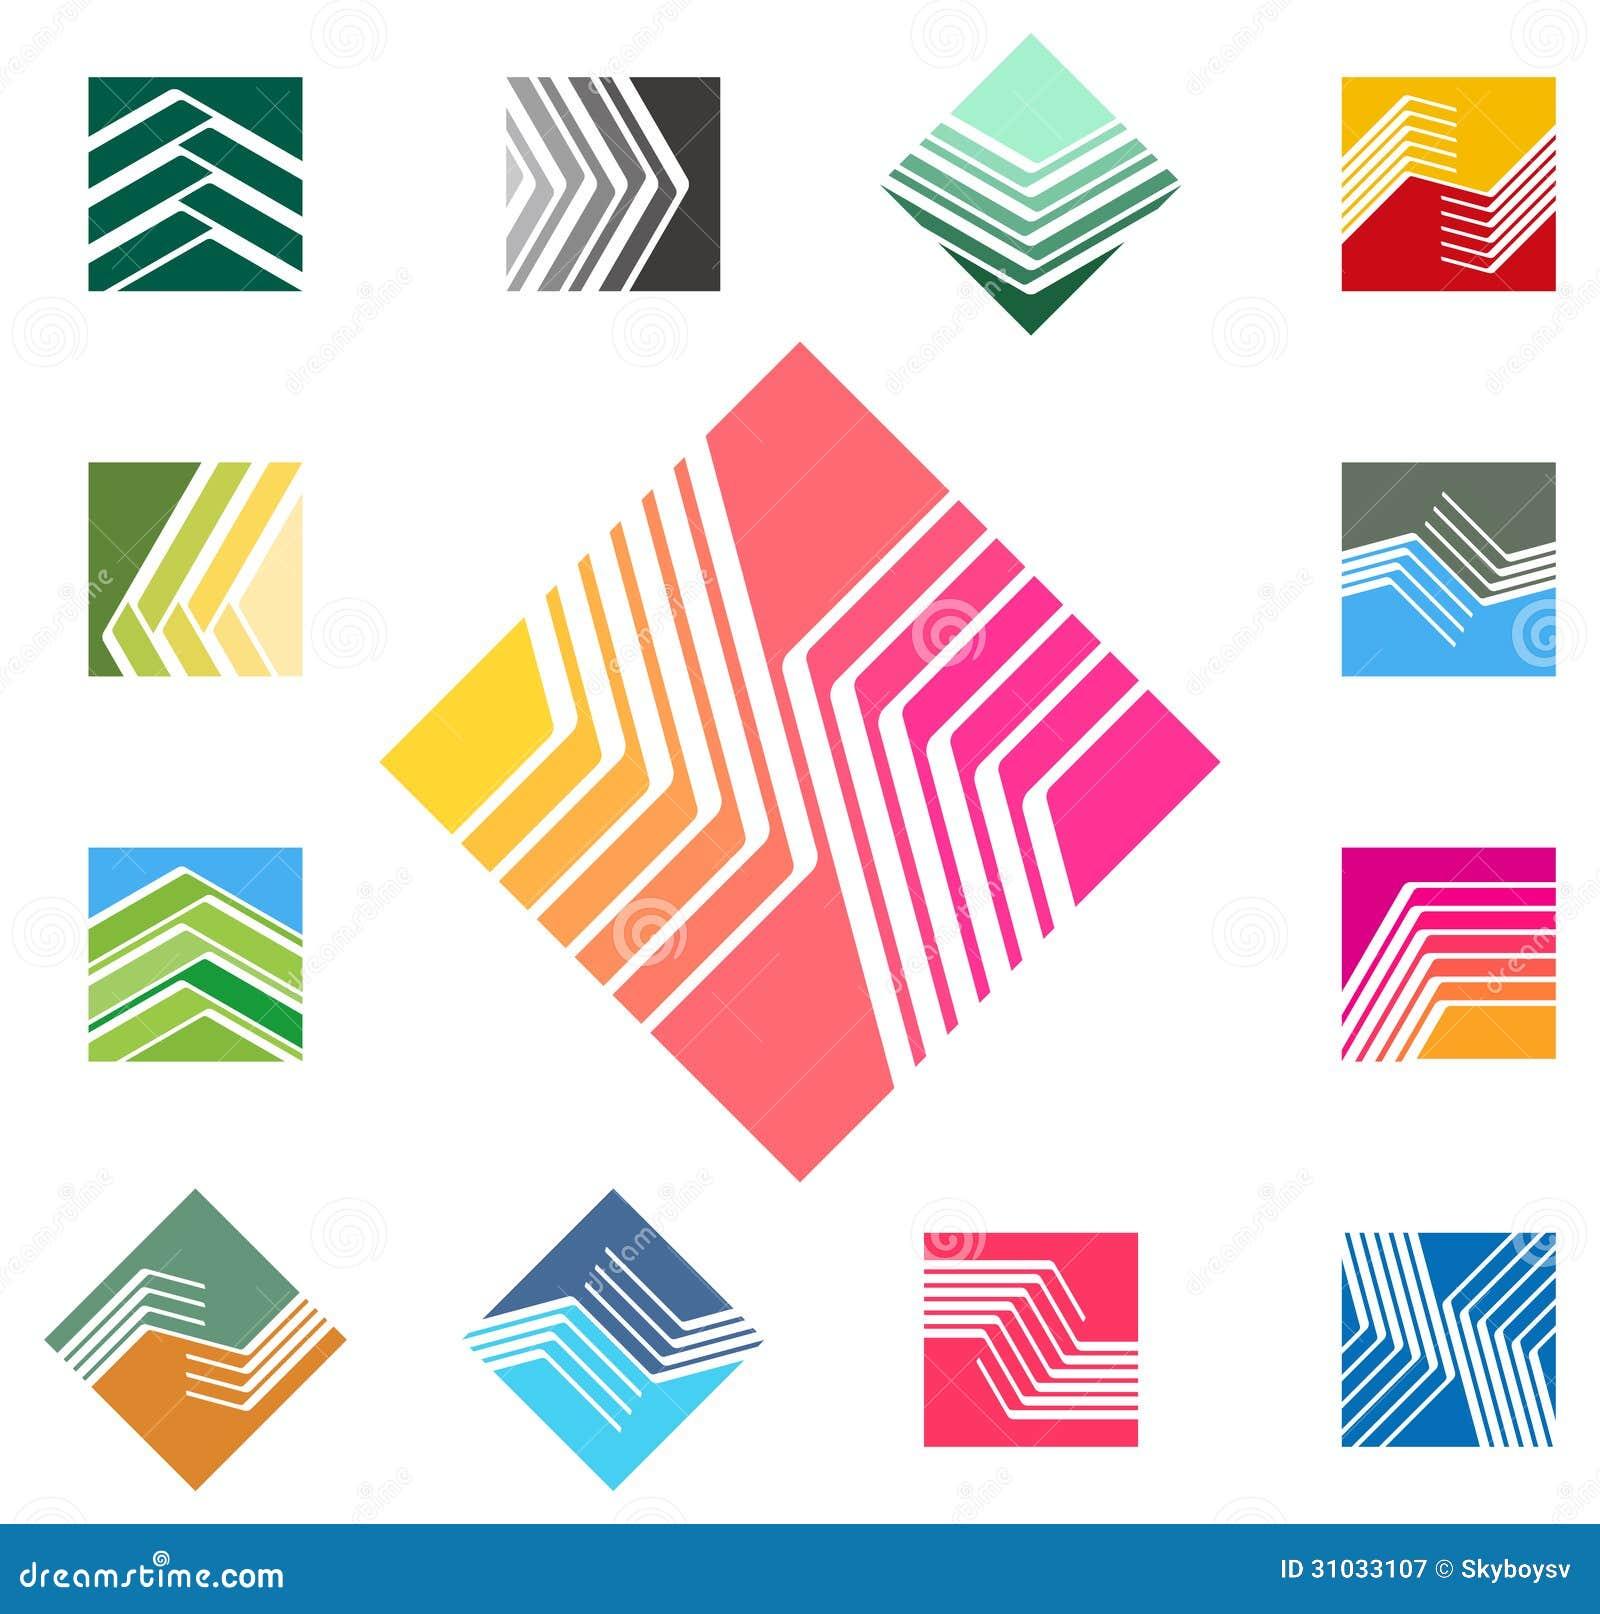 Interior design logo vector - Design Square Vector Logo Template Royalty Free Stock Photography